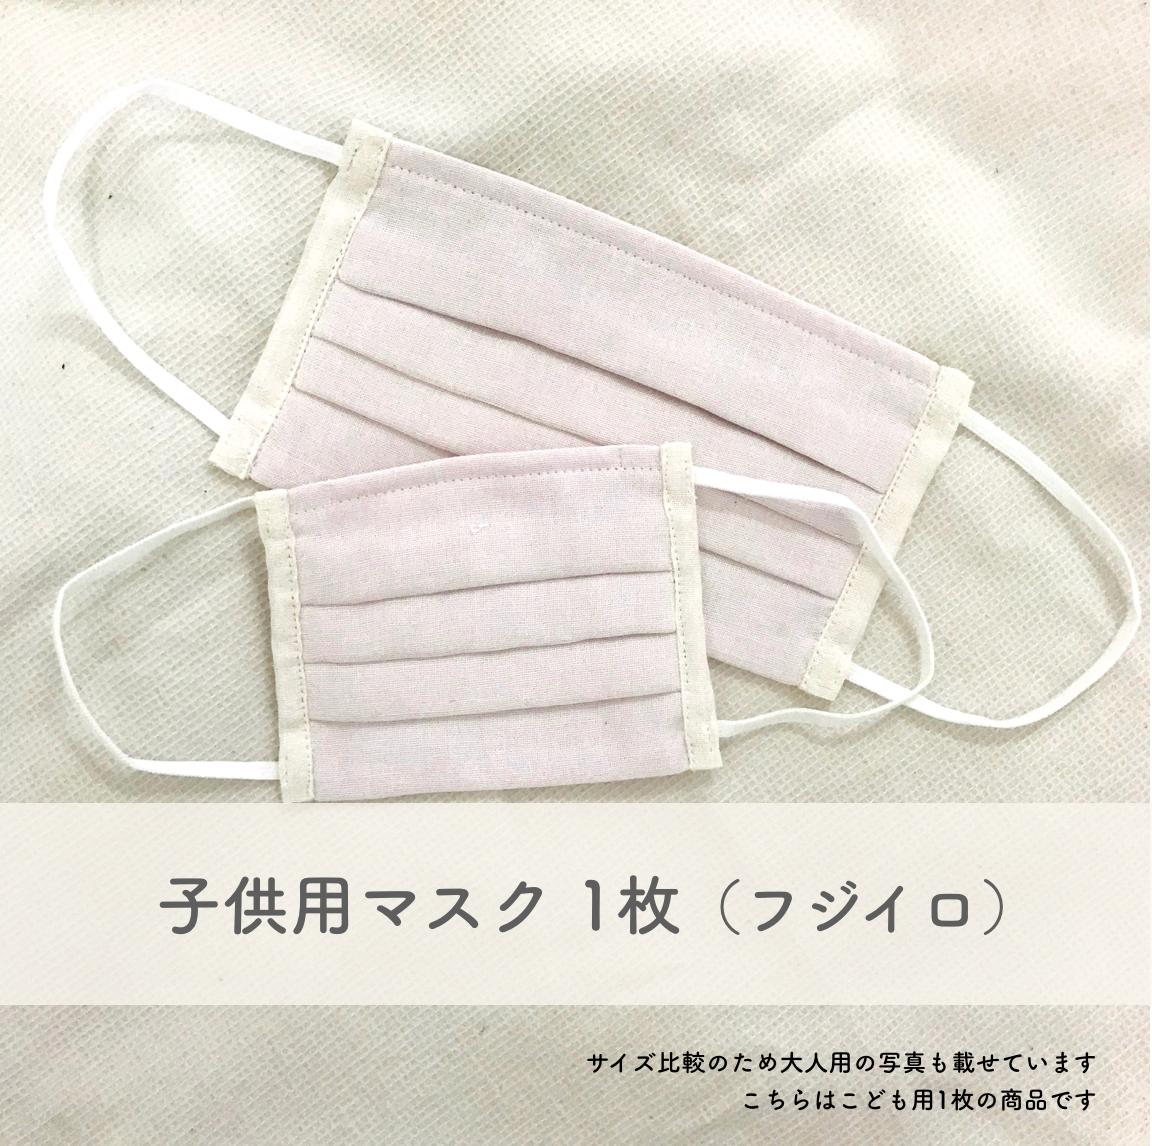 【送料無料】(こども用)LUCYオリジナルオーガニックコットンマスク(フジイロ)